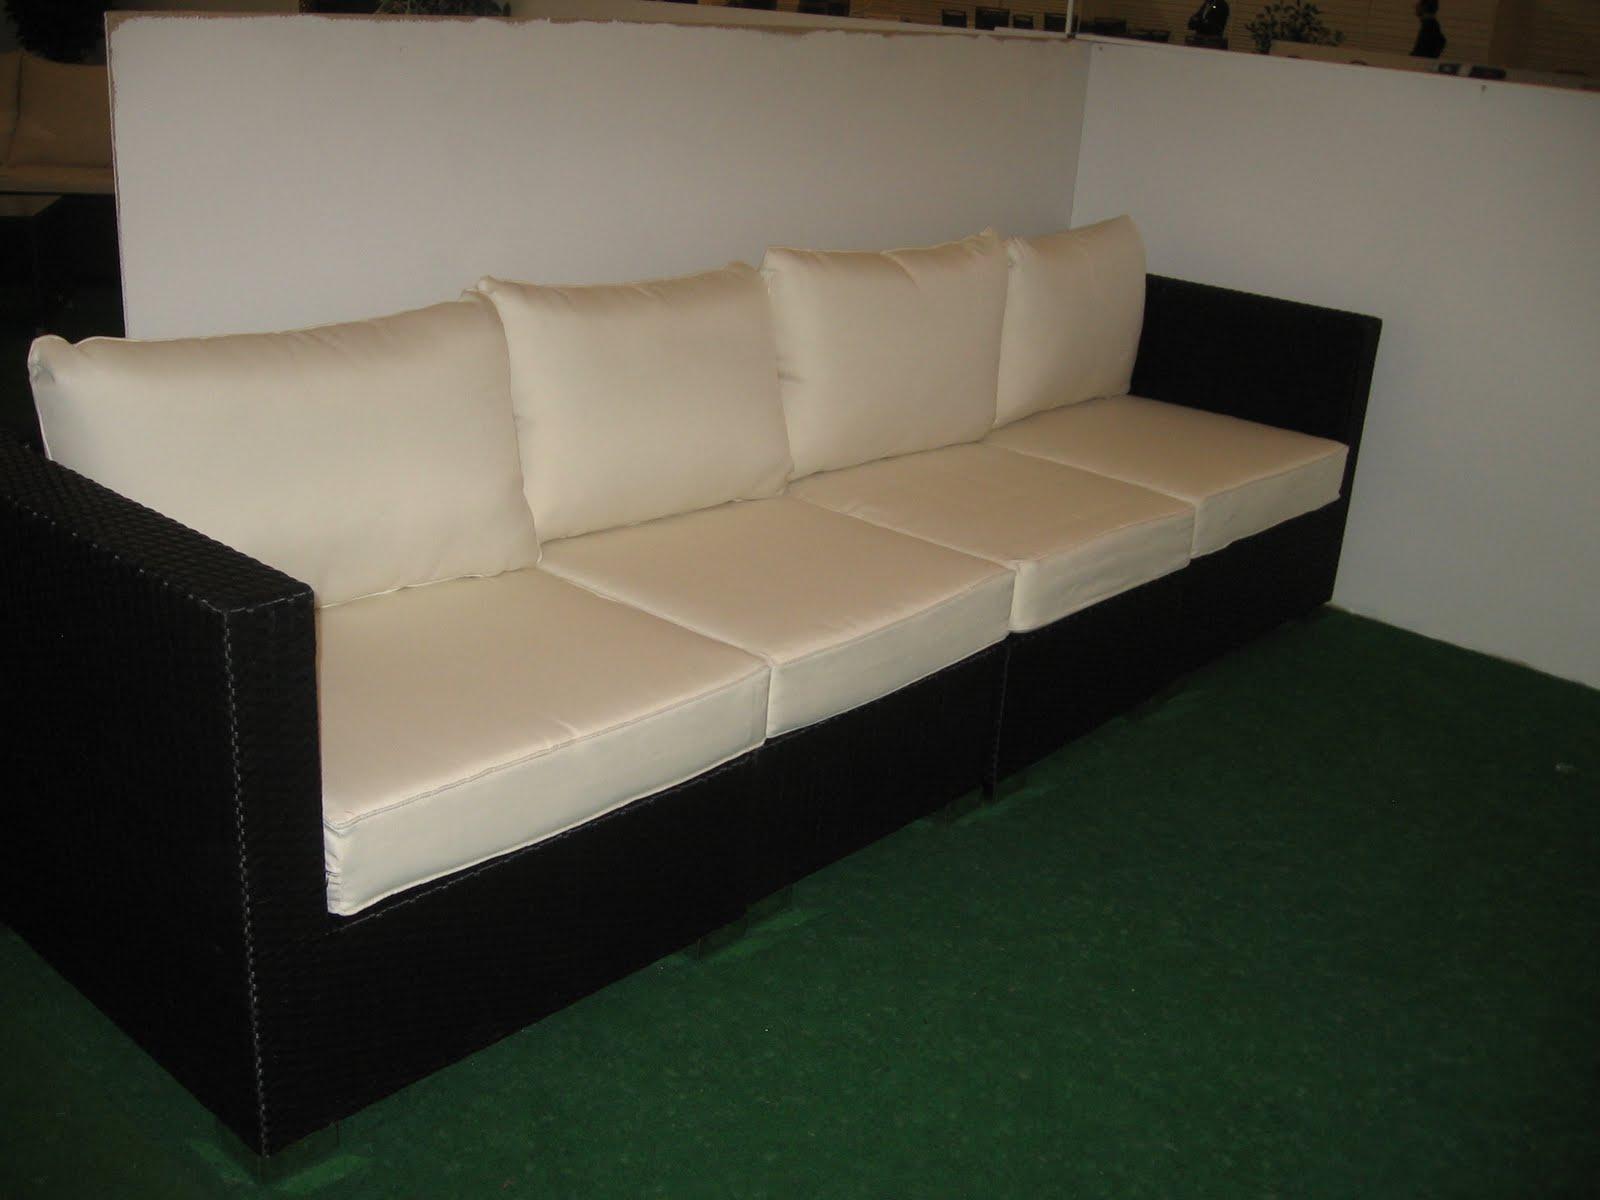 Salsta to see: utsättning friggebod och loungemöbler